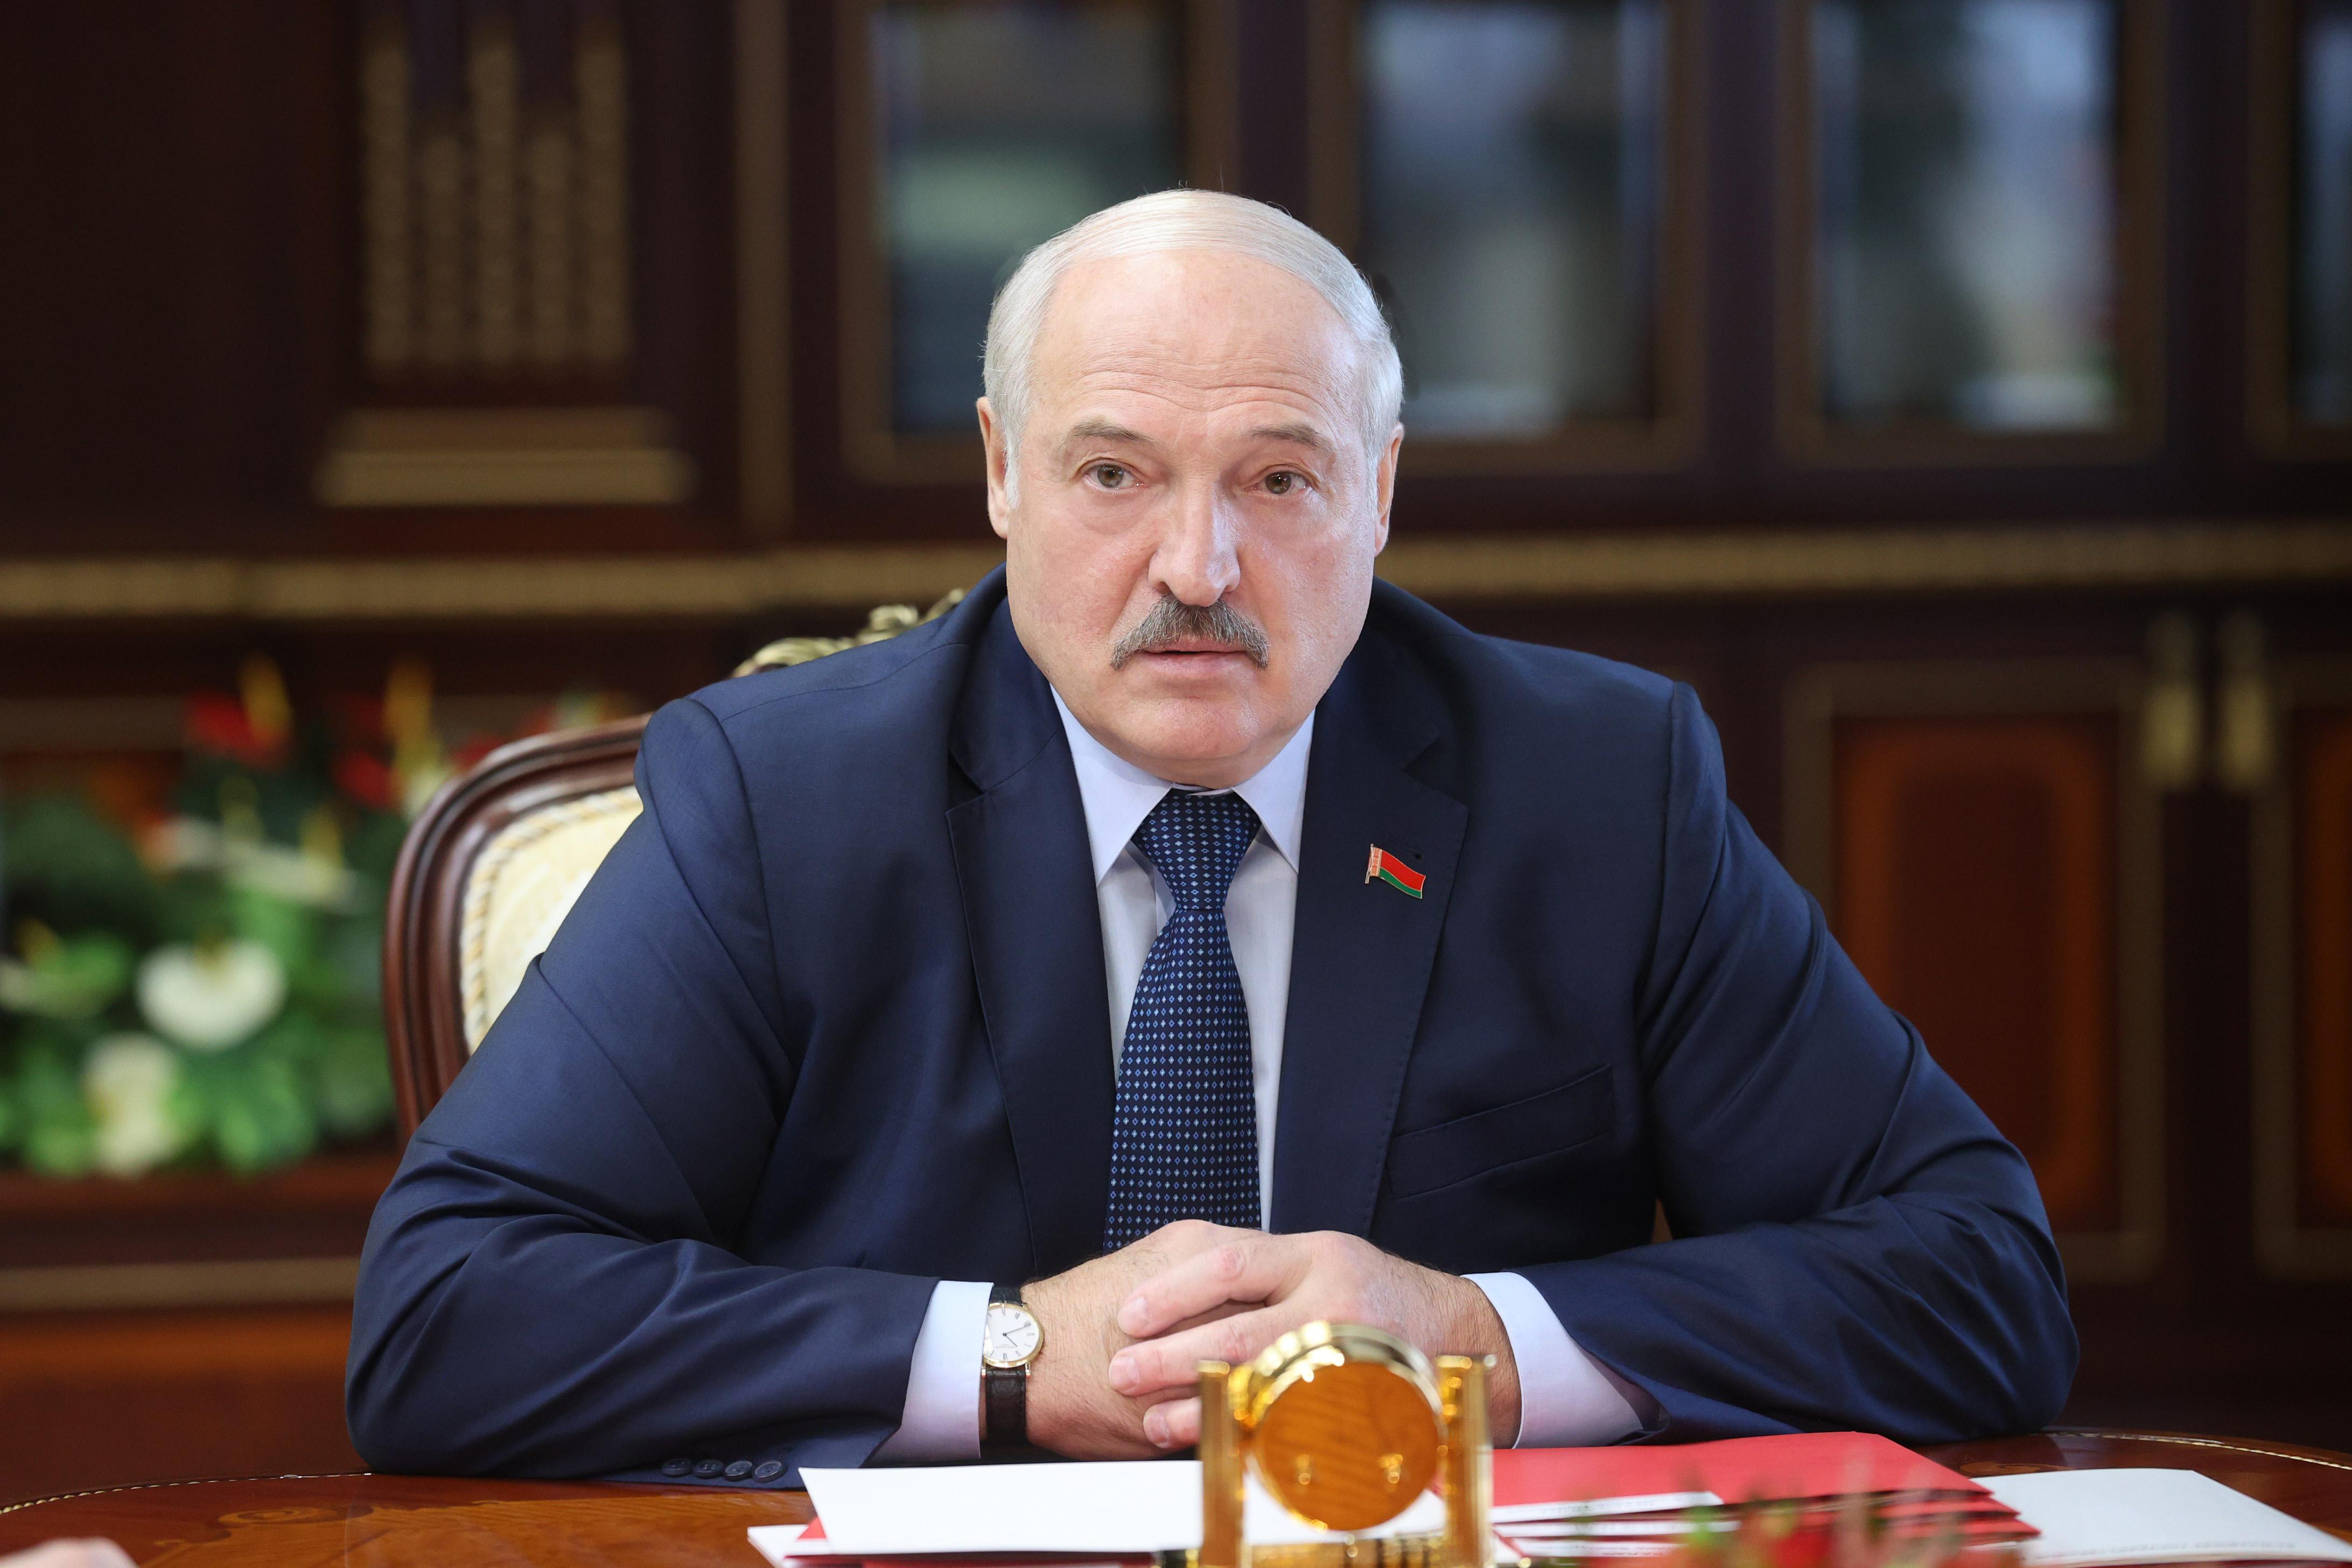 Лукашенко сделает заявление, что вступление Украины в НАТО нужно согласовывать не только с Москвой, но и с Минском, – Бесараб